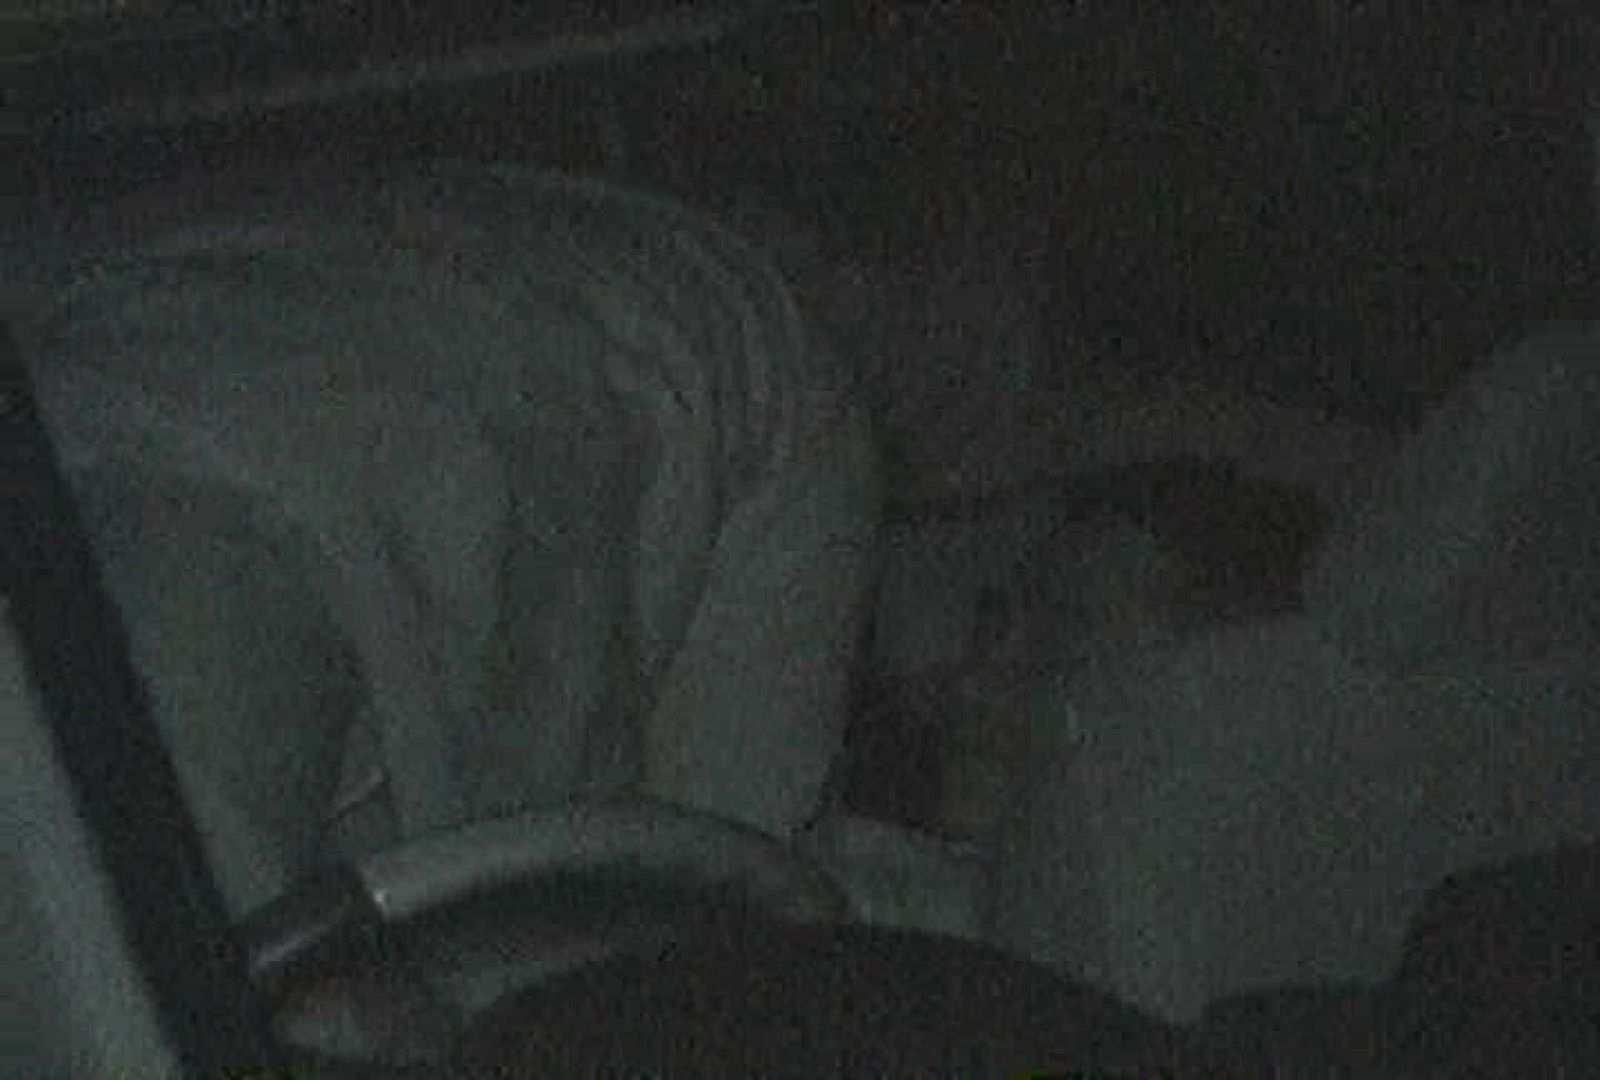 充血監督の深夜の運動会Vol.90 股間 | オナニーする女性たち  110画像 76